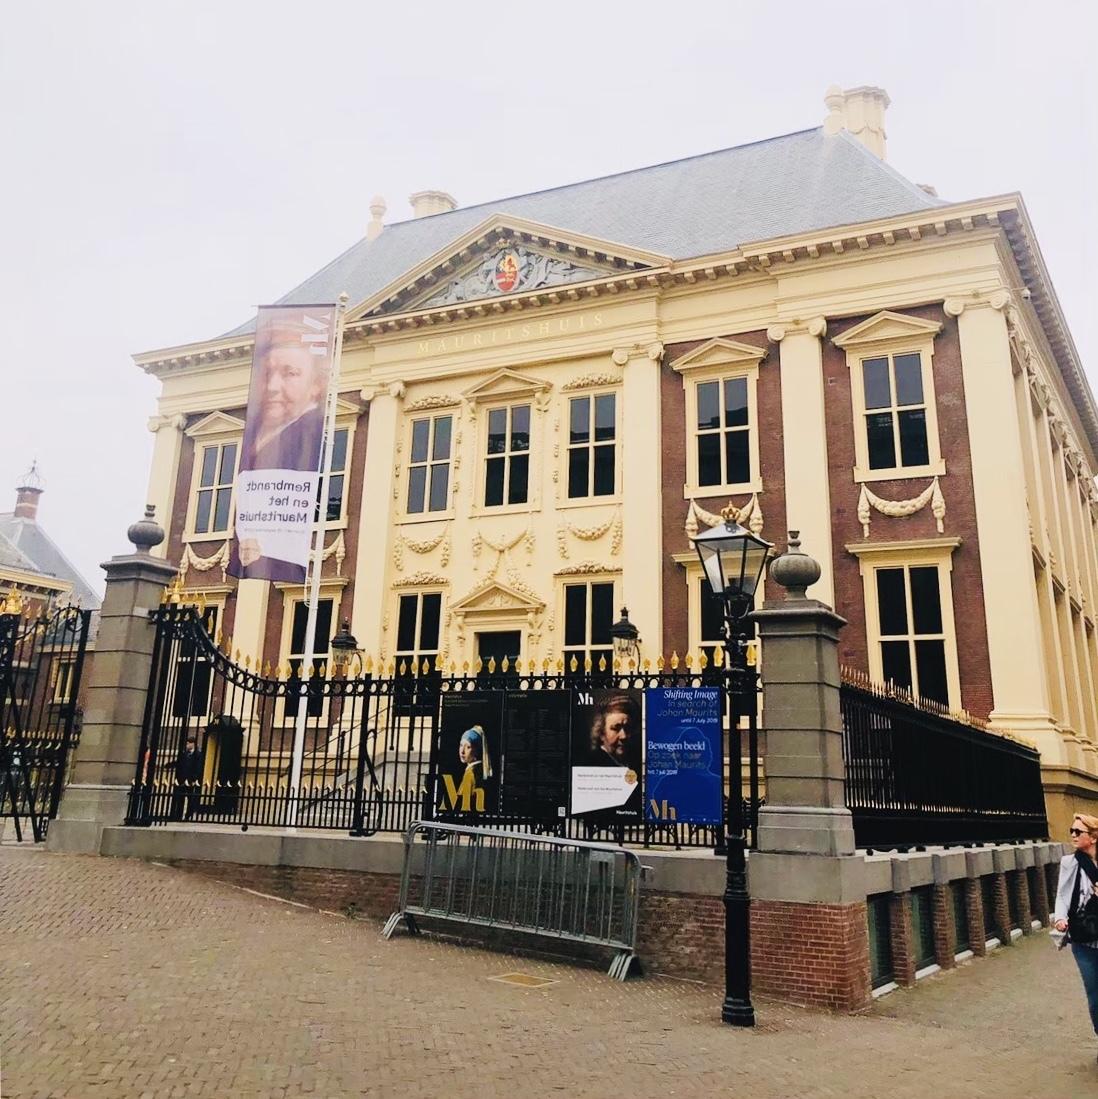 マウリッツハイス美術館とは?展示されている有名な作品や見どころをご紹介!